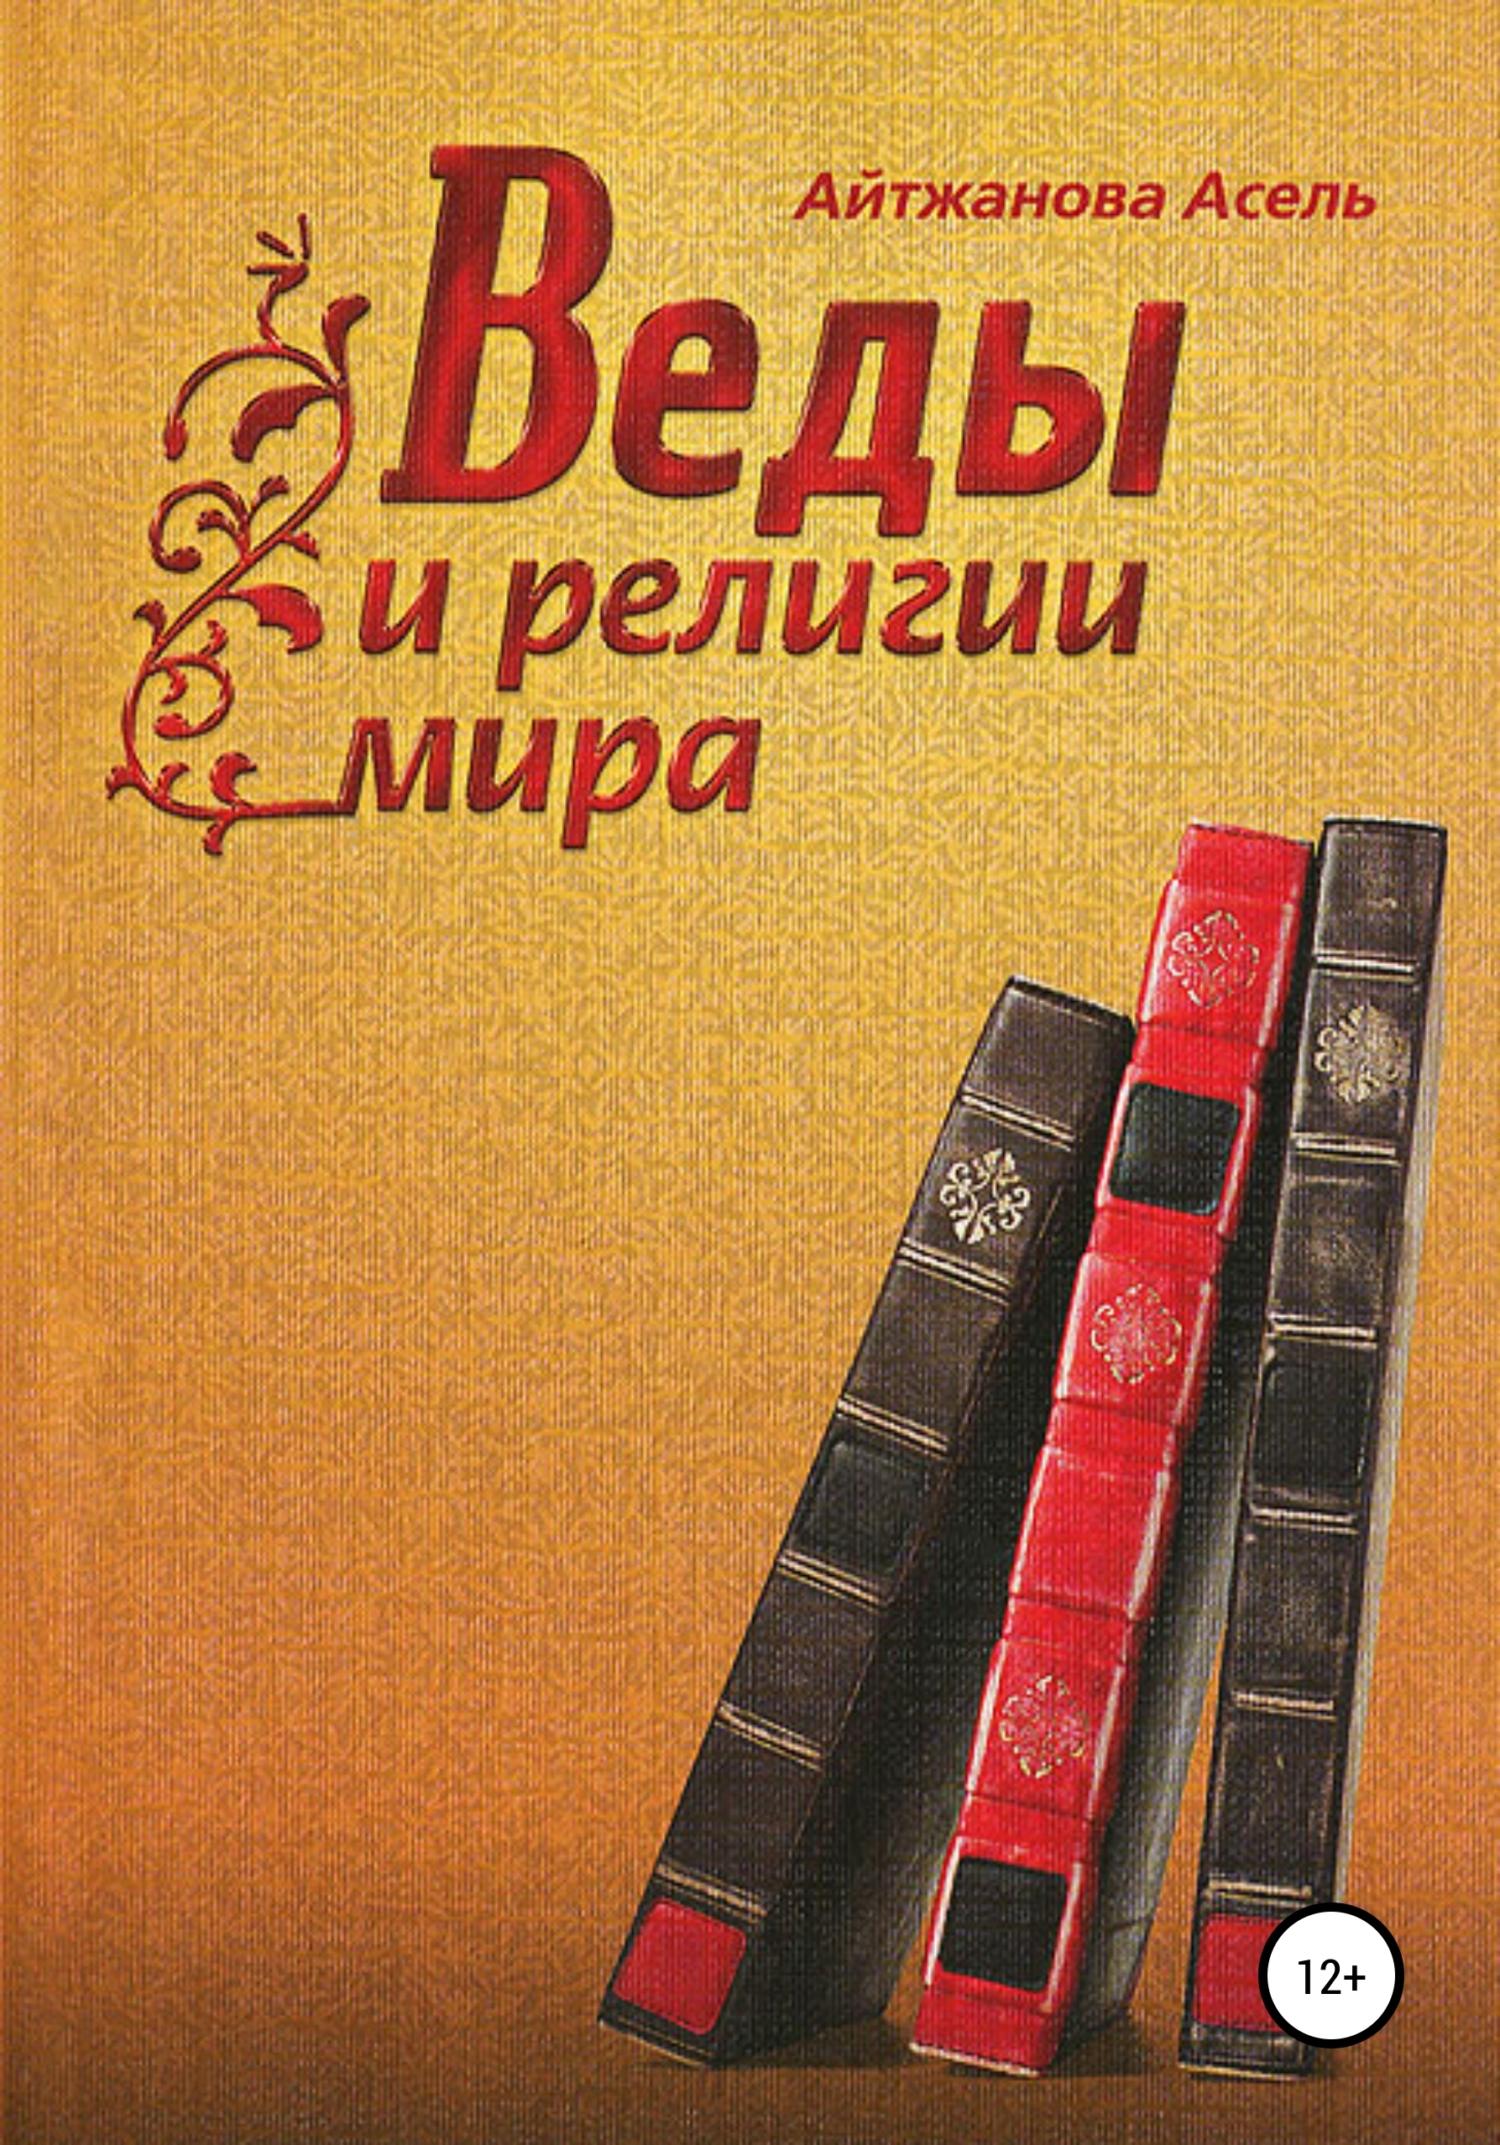 Купить книгу Веды и религии мира, автора Асель Казбековны Айтжановой